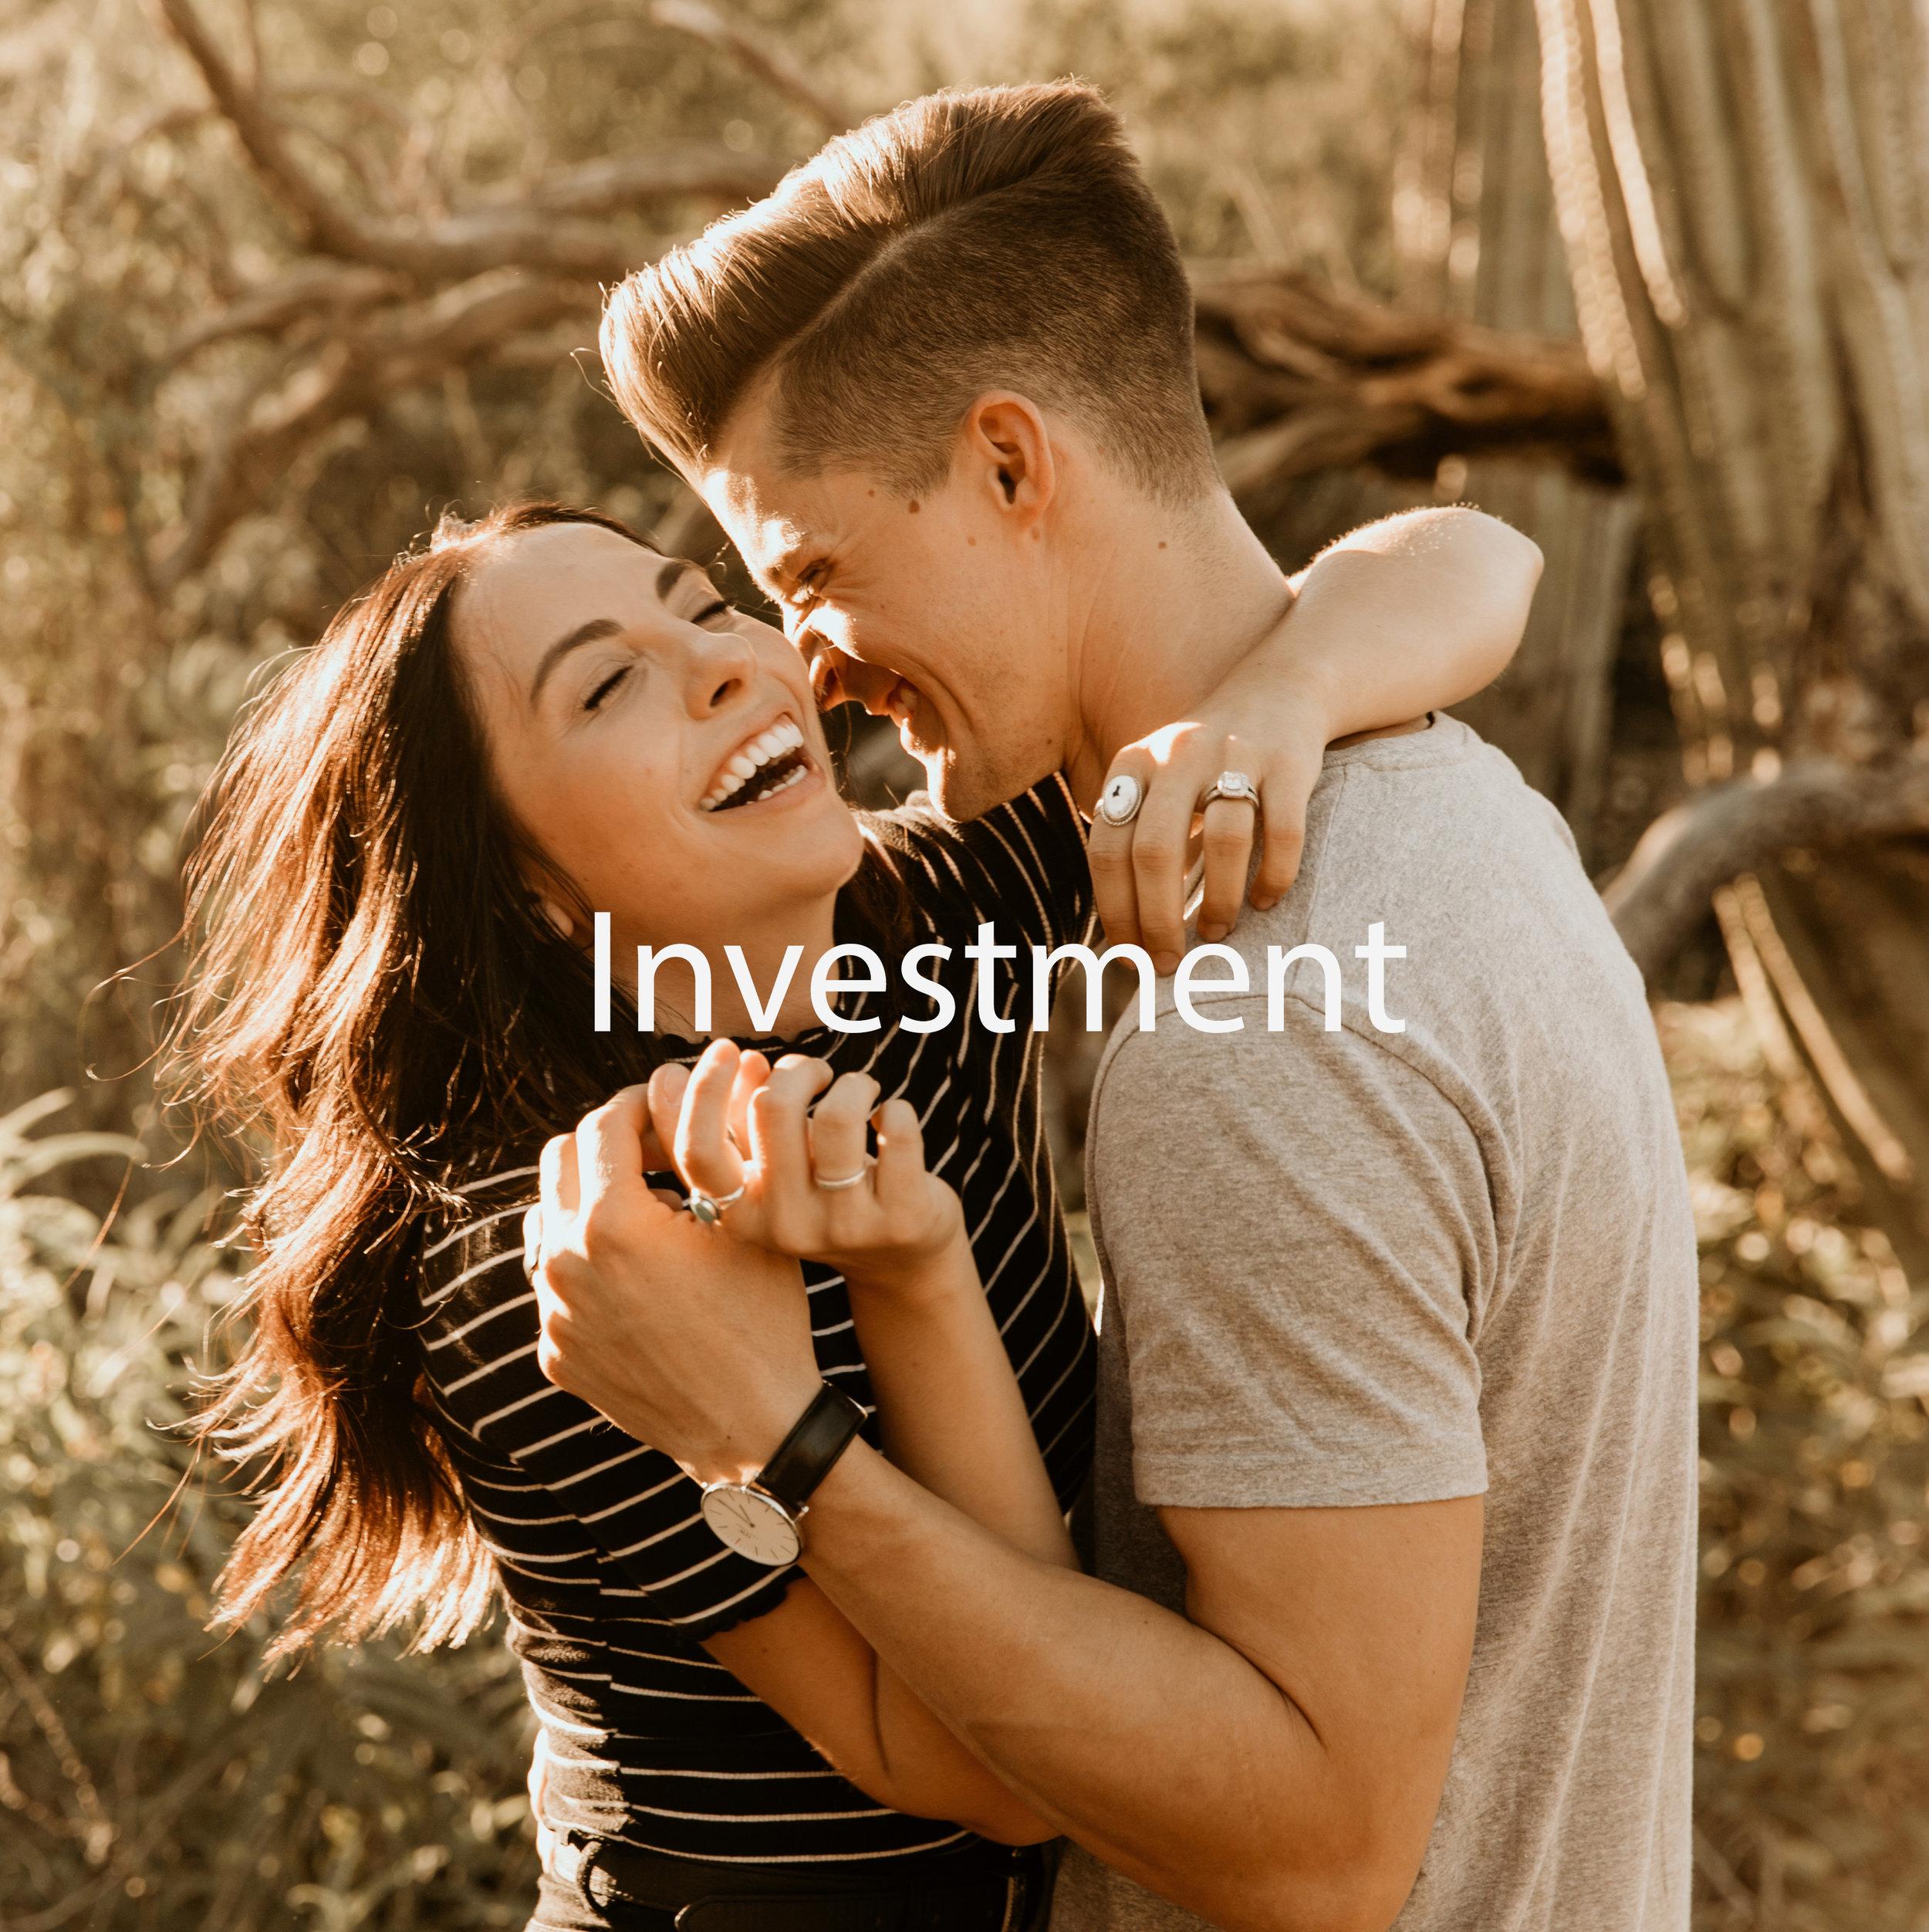 investment .jpg